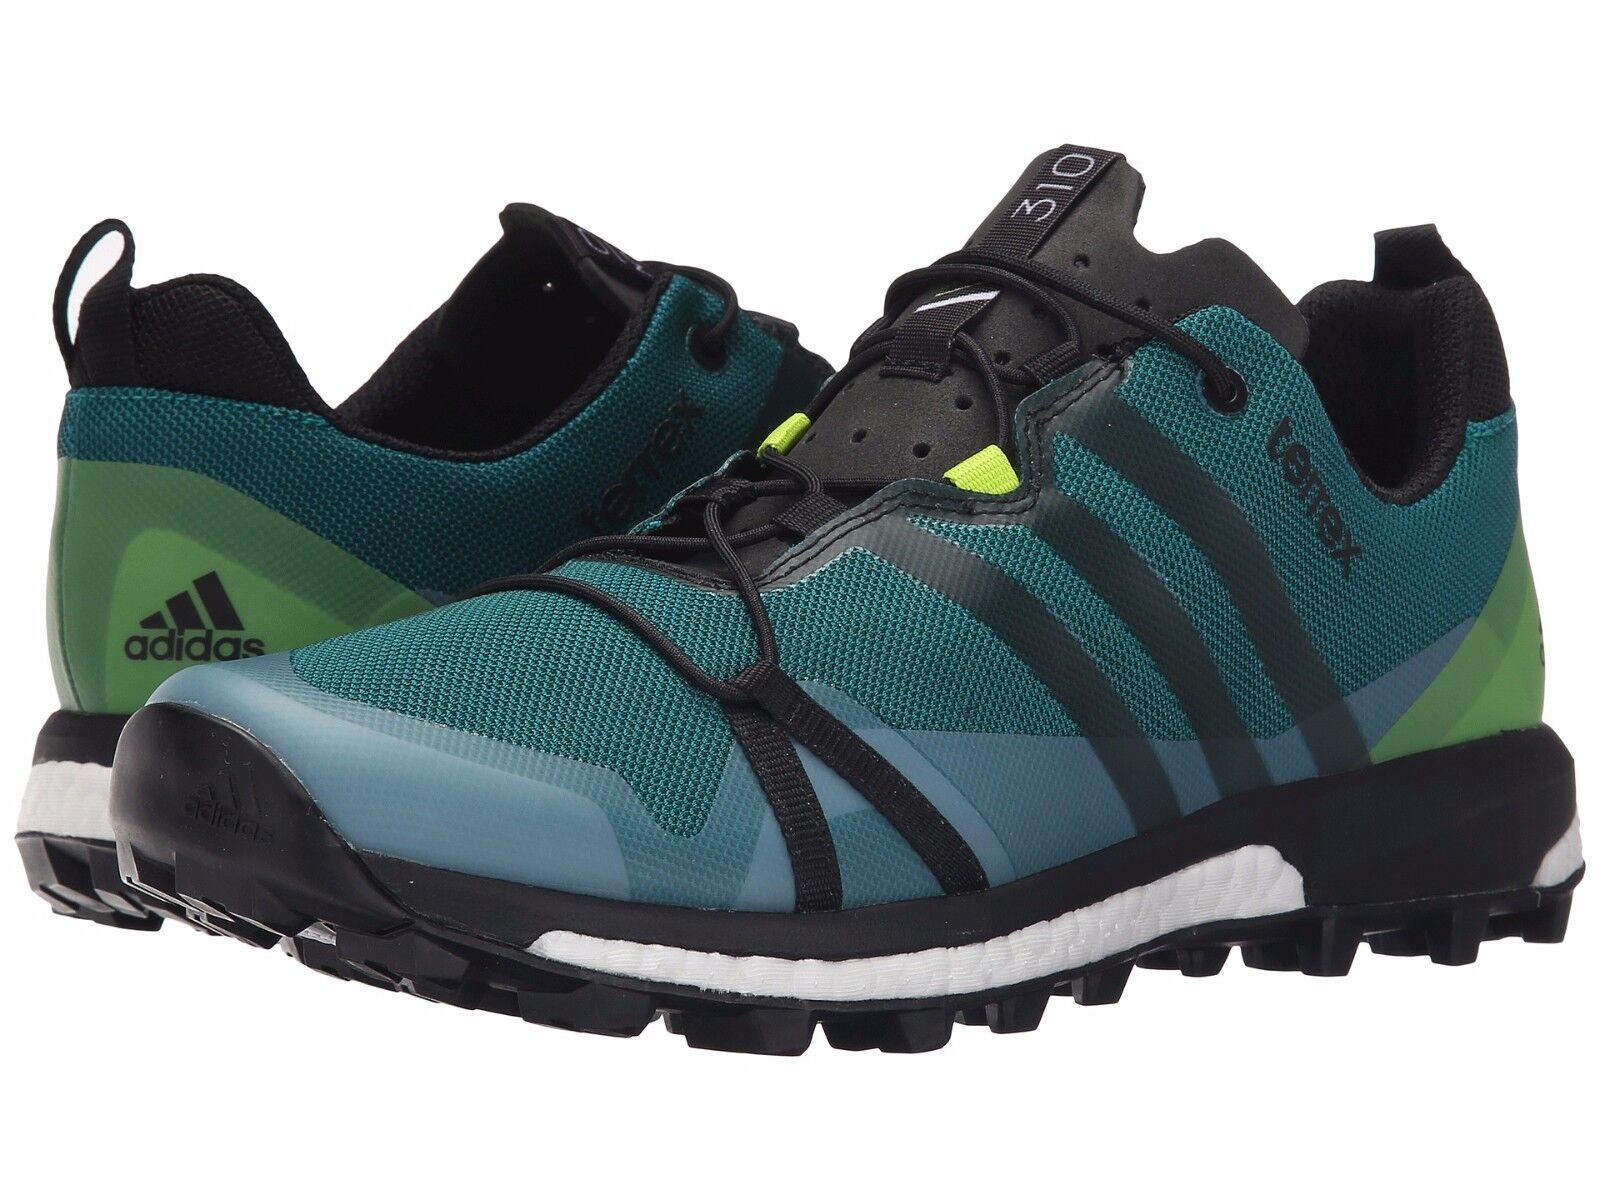 Neu in Box Adidas Herren Außen Terrex Agravic AF6135 Schuhe Auswahl Grün   Bk